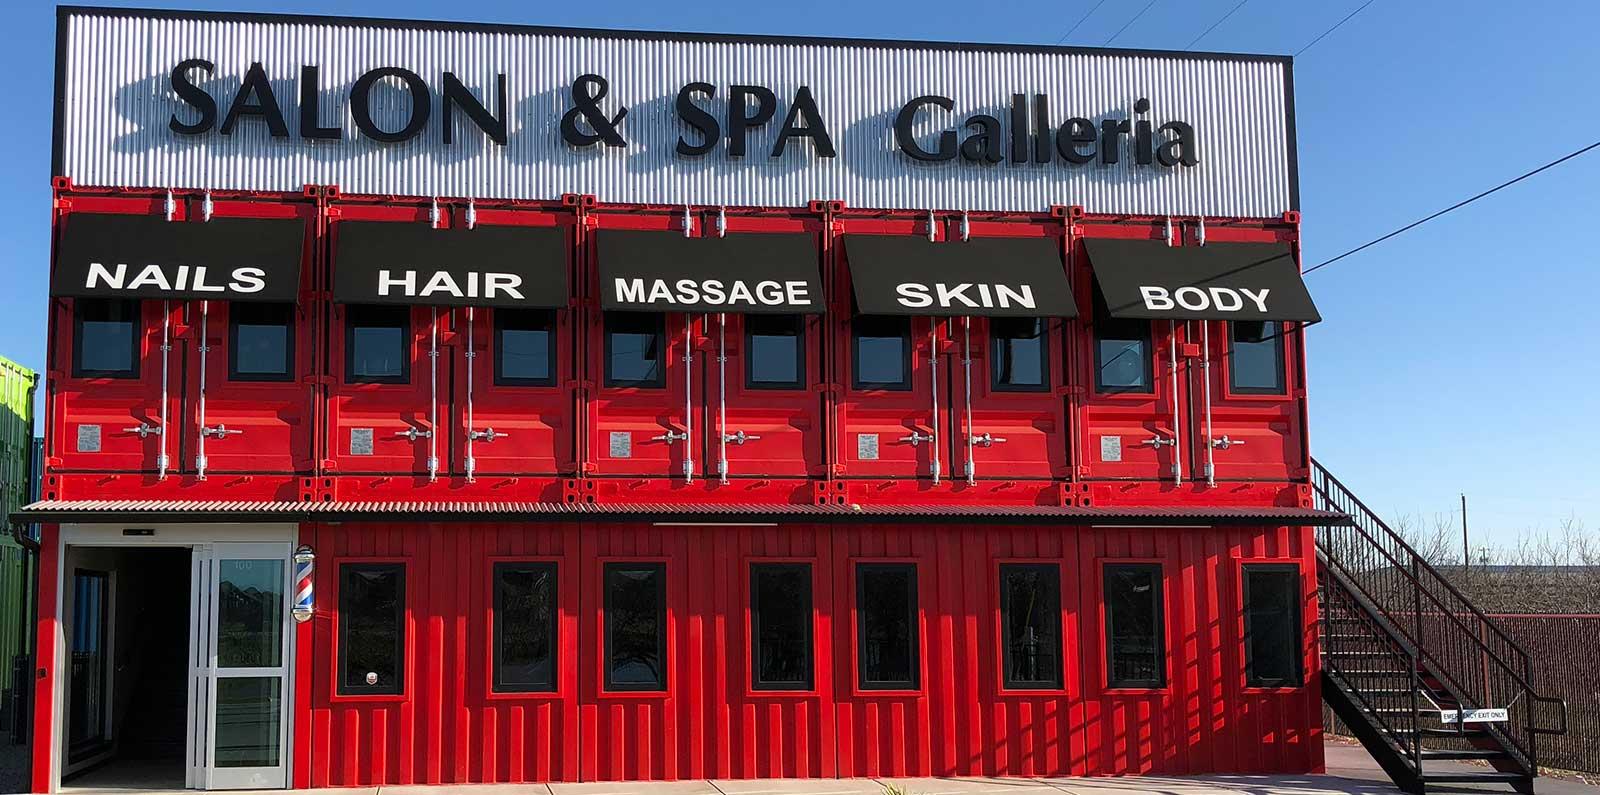 salon suite rental alliance area